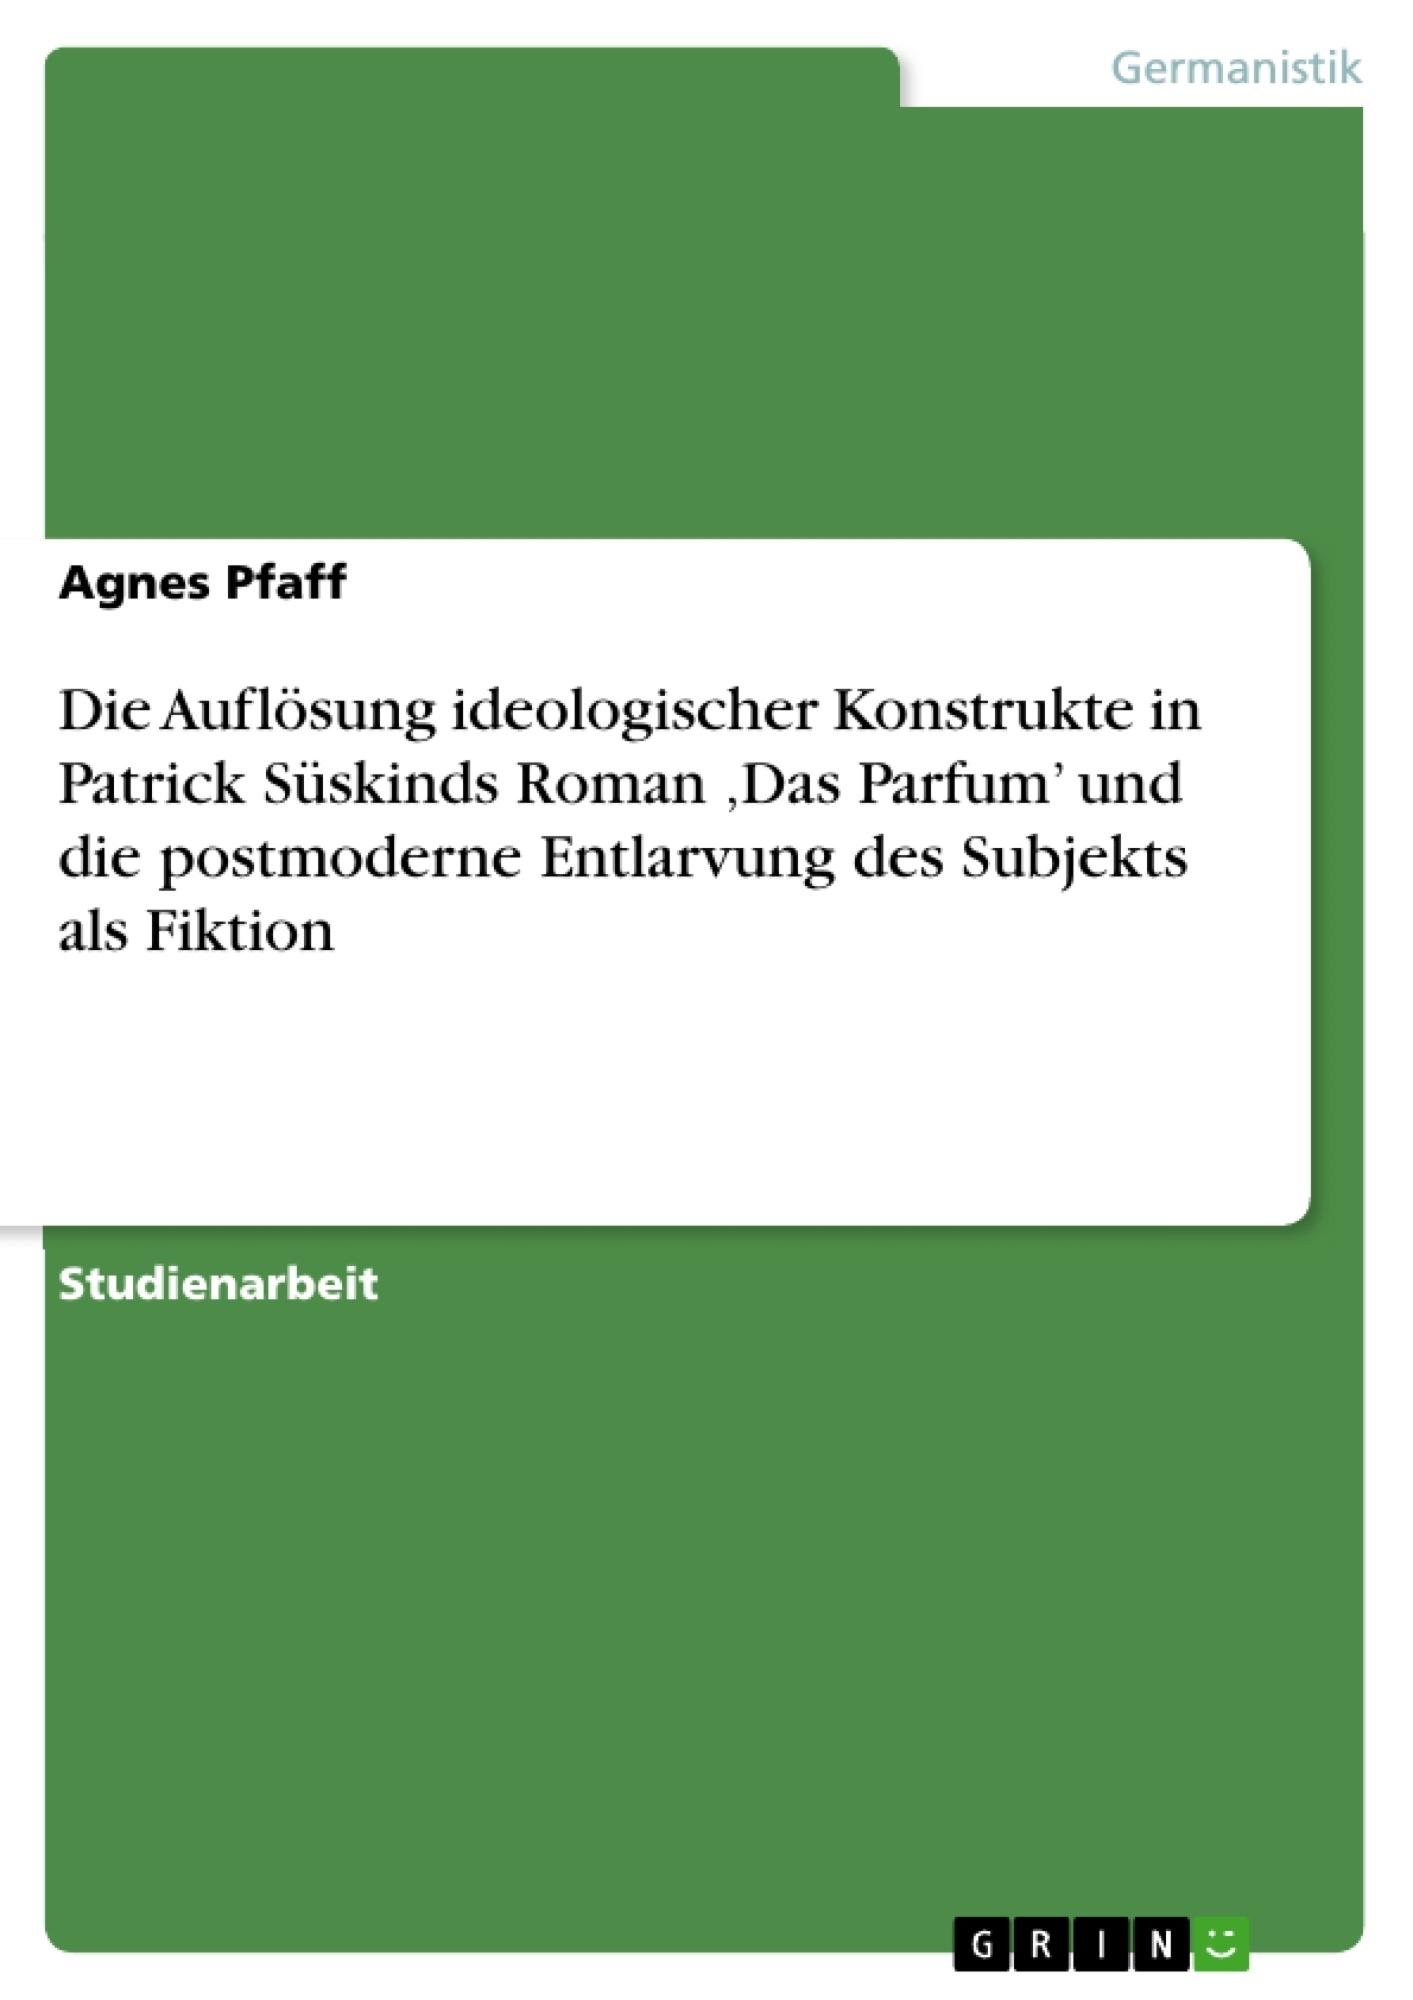 Titel: Die Auflösung ideologischer Konstrukte in Patrick Süskinds Roman 'Das Parfum' und die postmoderne Entlarvung des Subjekts als Fiktion